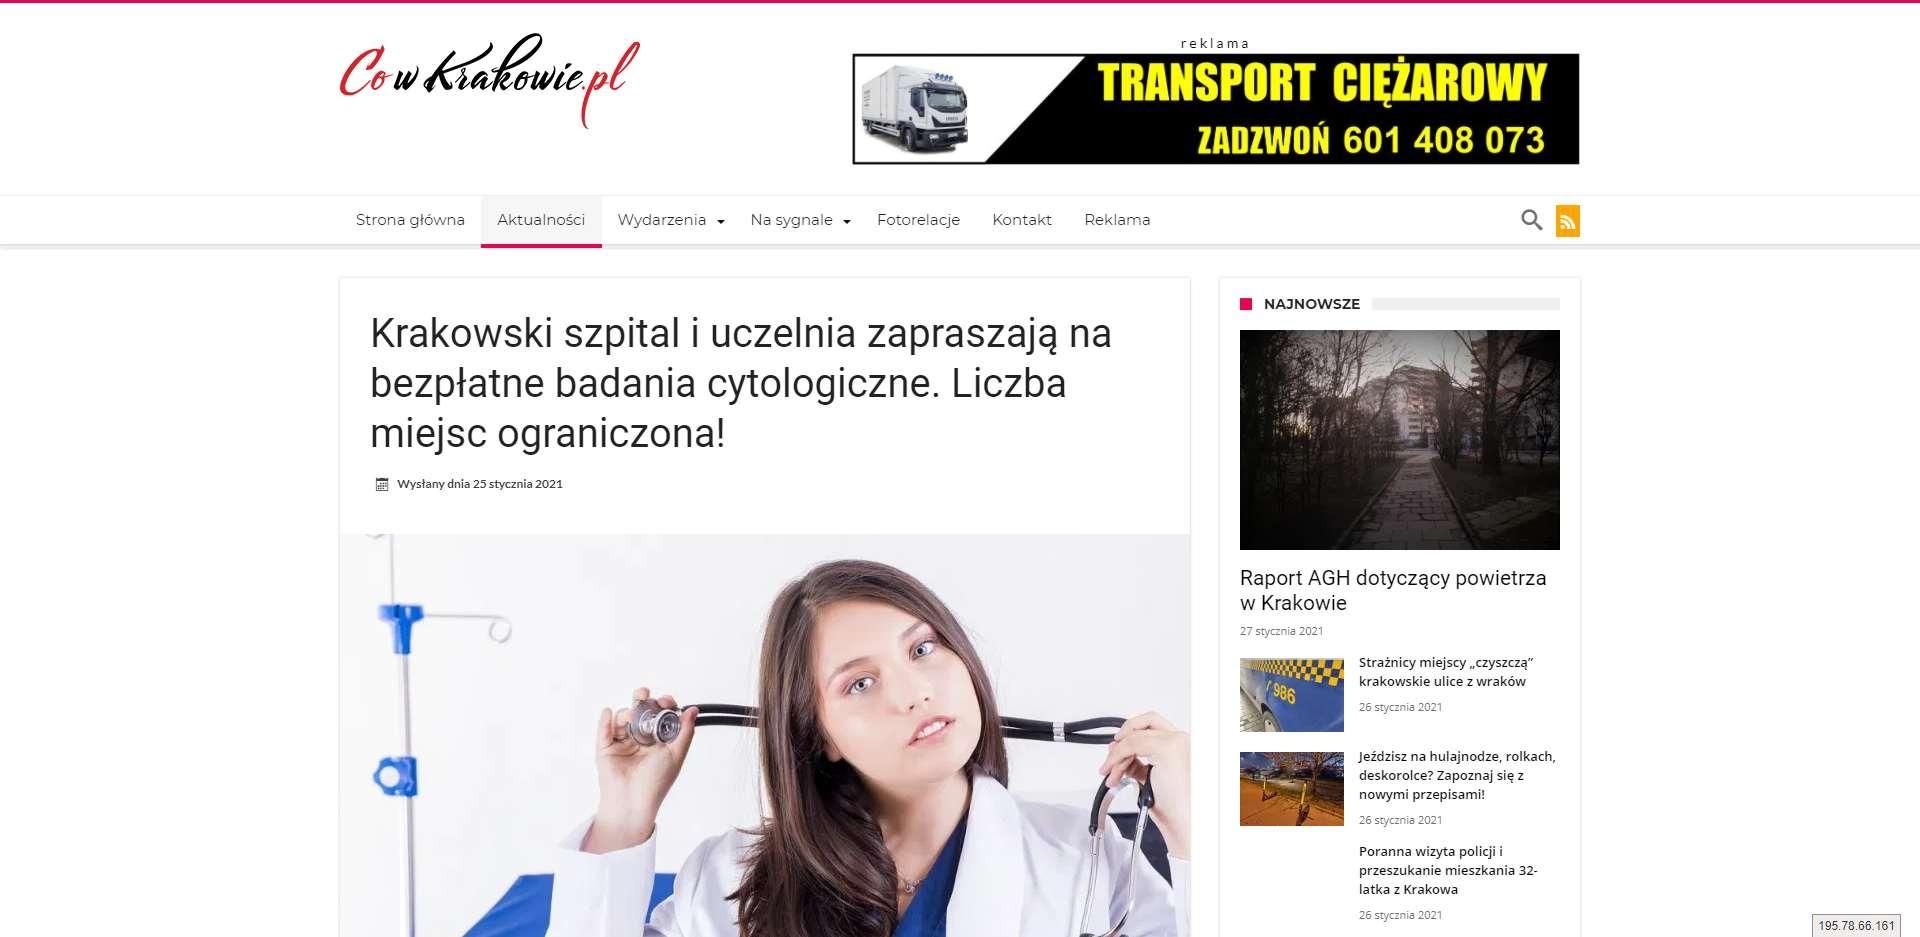 krakowski szpital i uczelnia zapraszaja na bezplatne badania cytologiczne liczba miejsc ograniczona